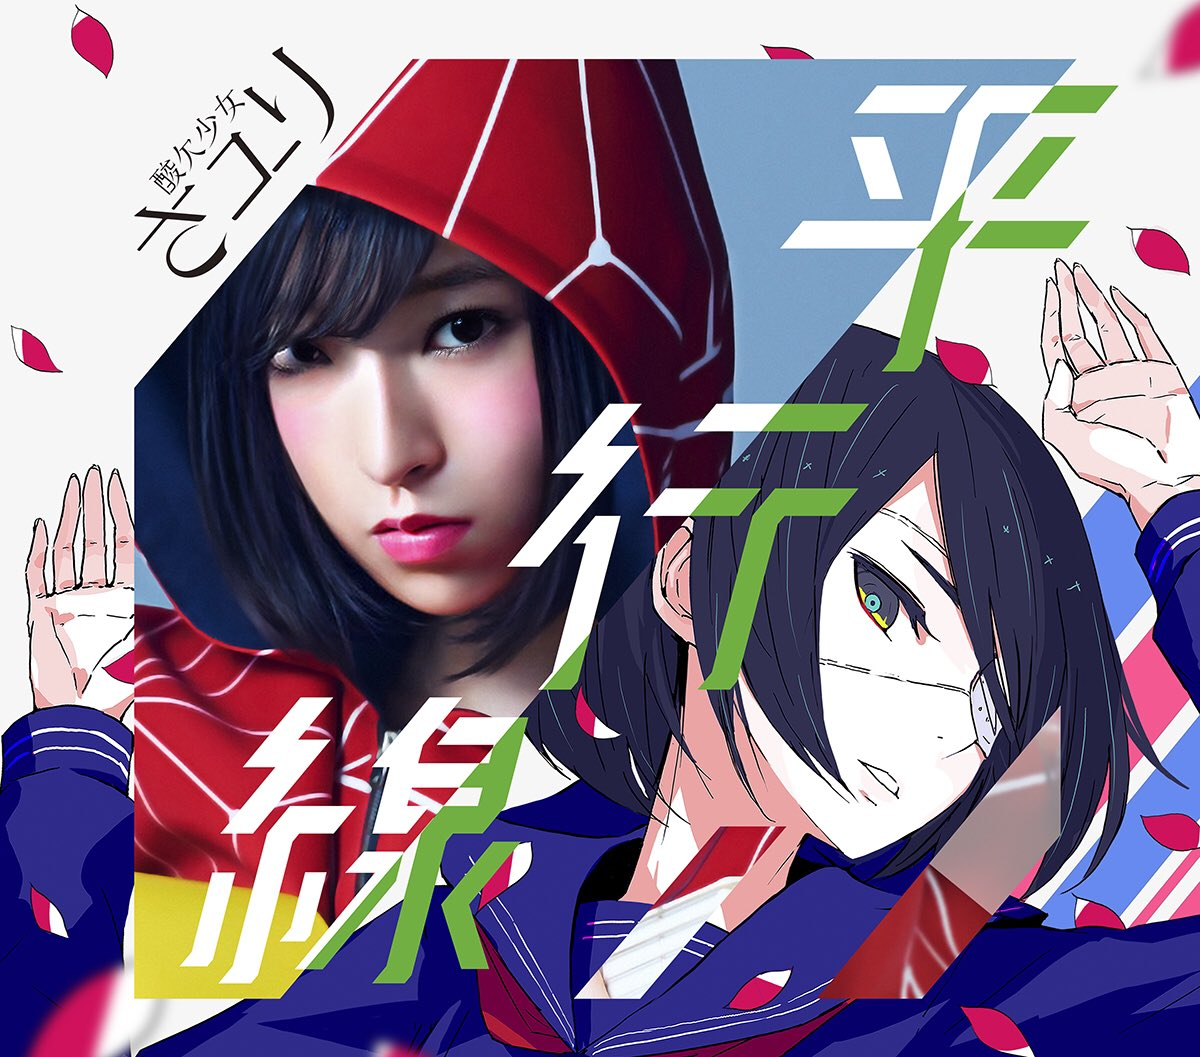 \ news /  3月1日発売の5thシングル「平行線」のジャケットを解禁しました〜  花火、ポン…